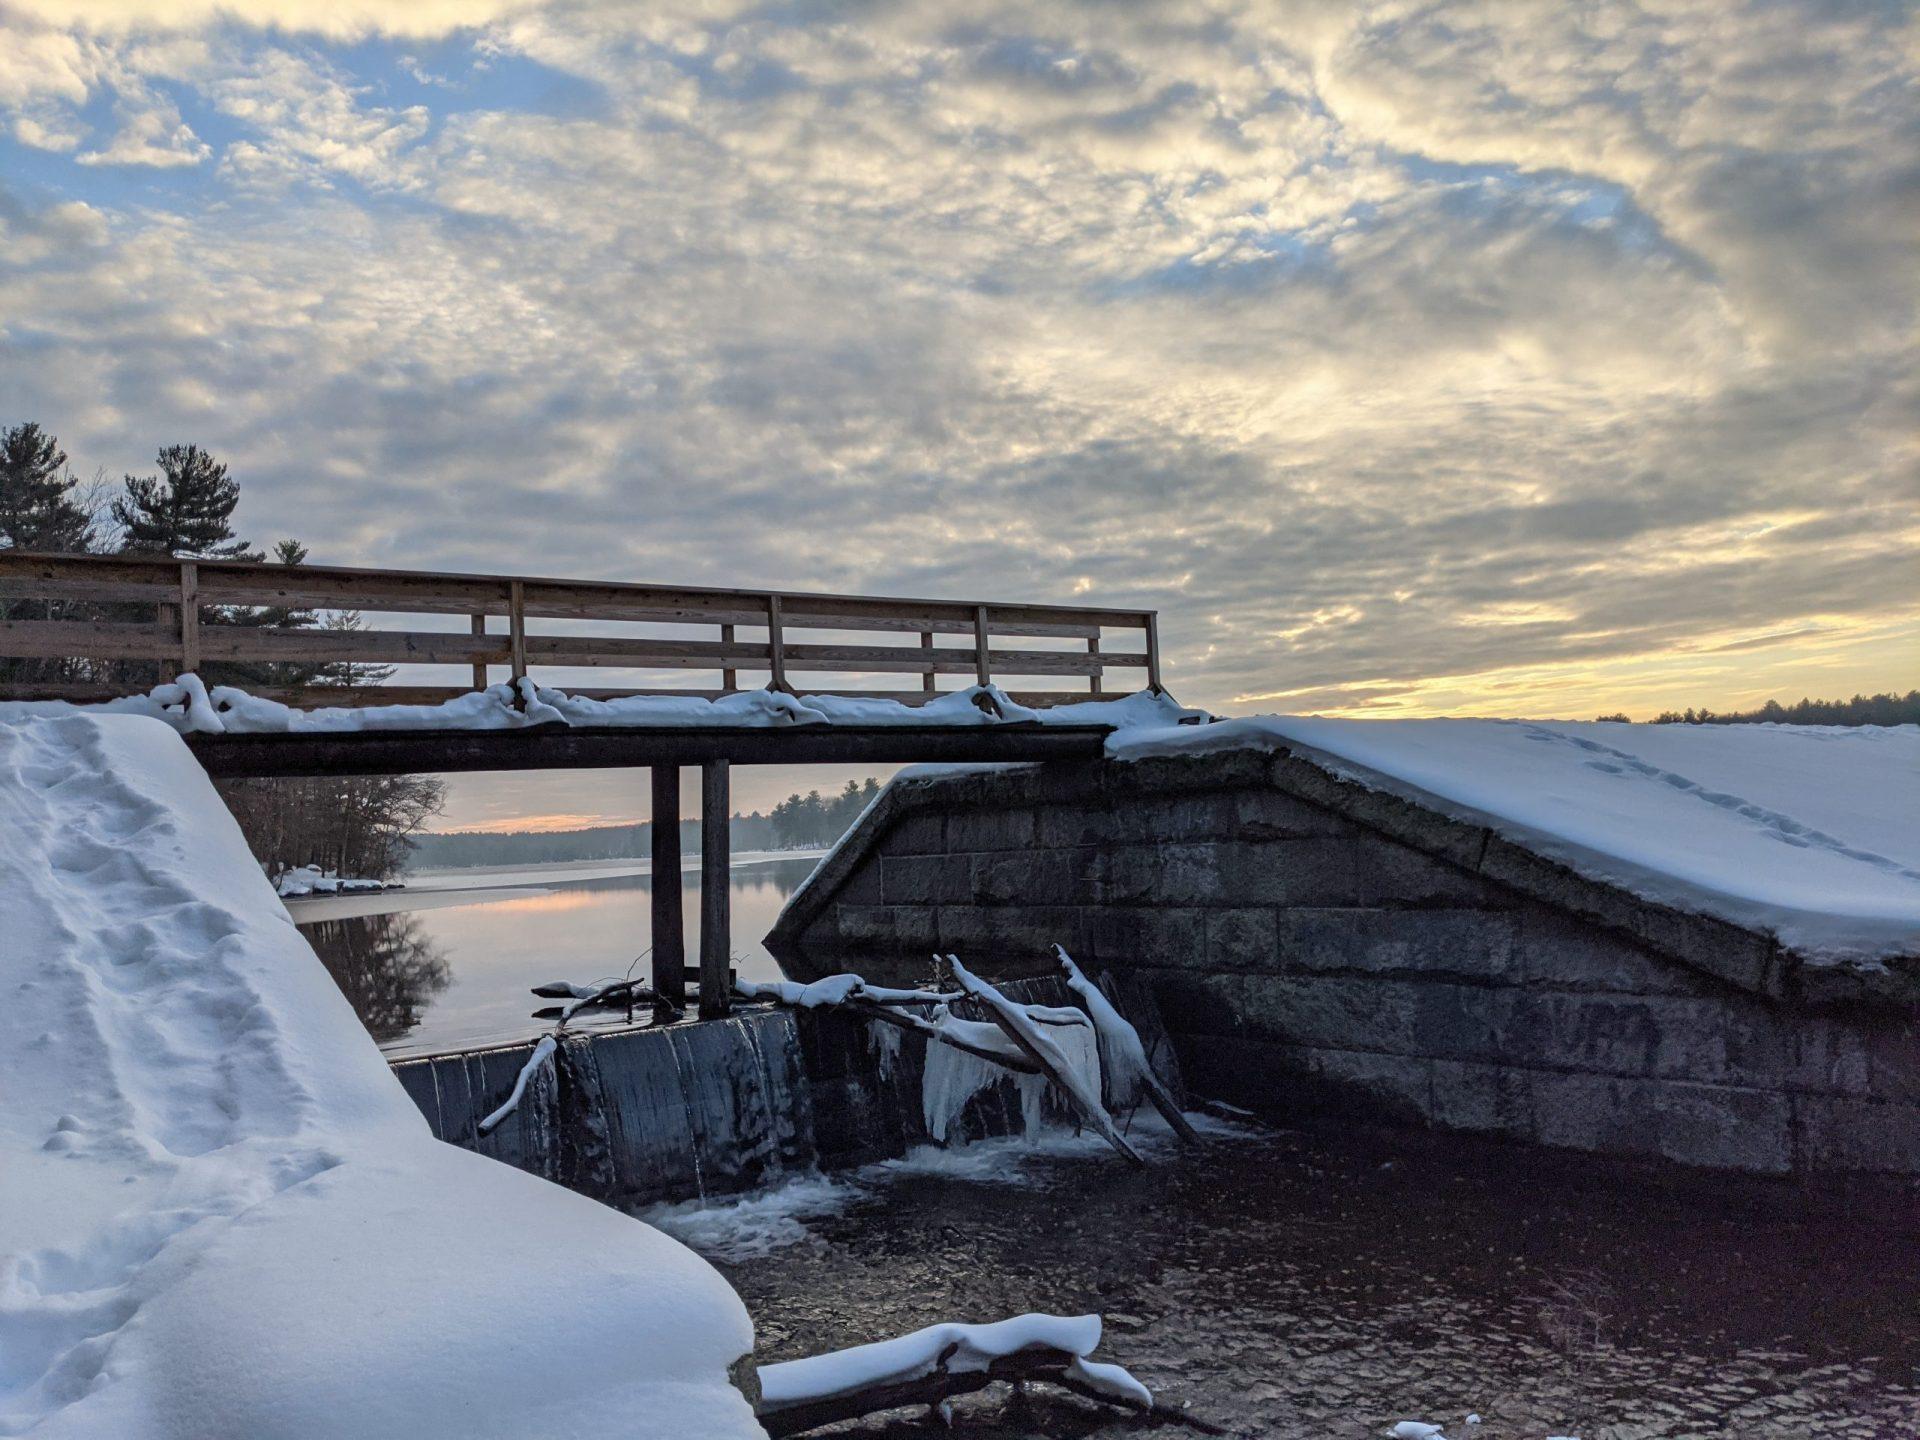 Ashland dam and spillway under snow - December 2020